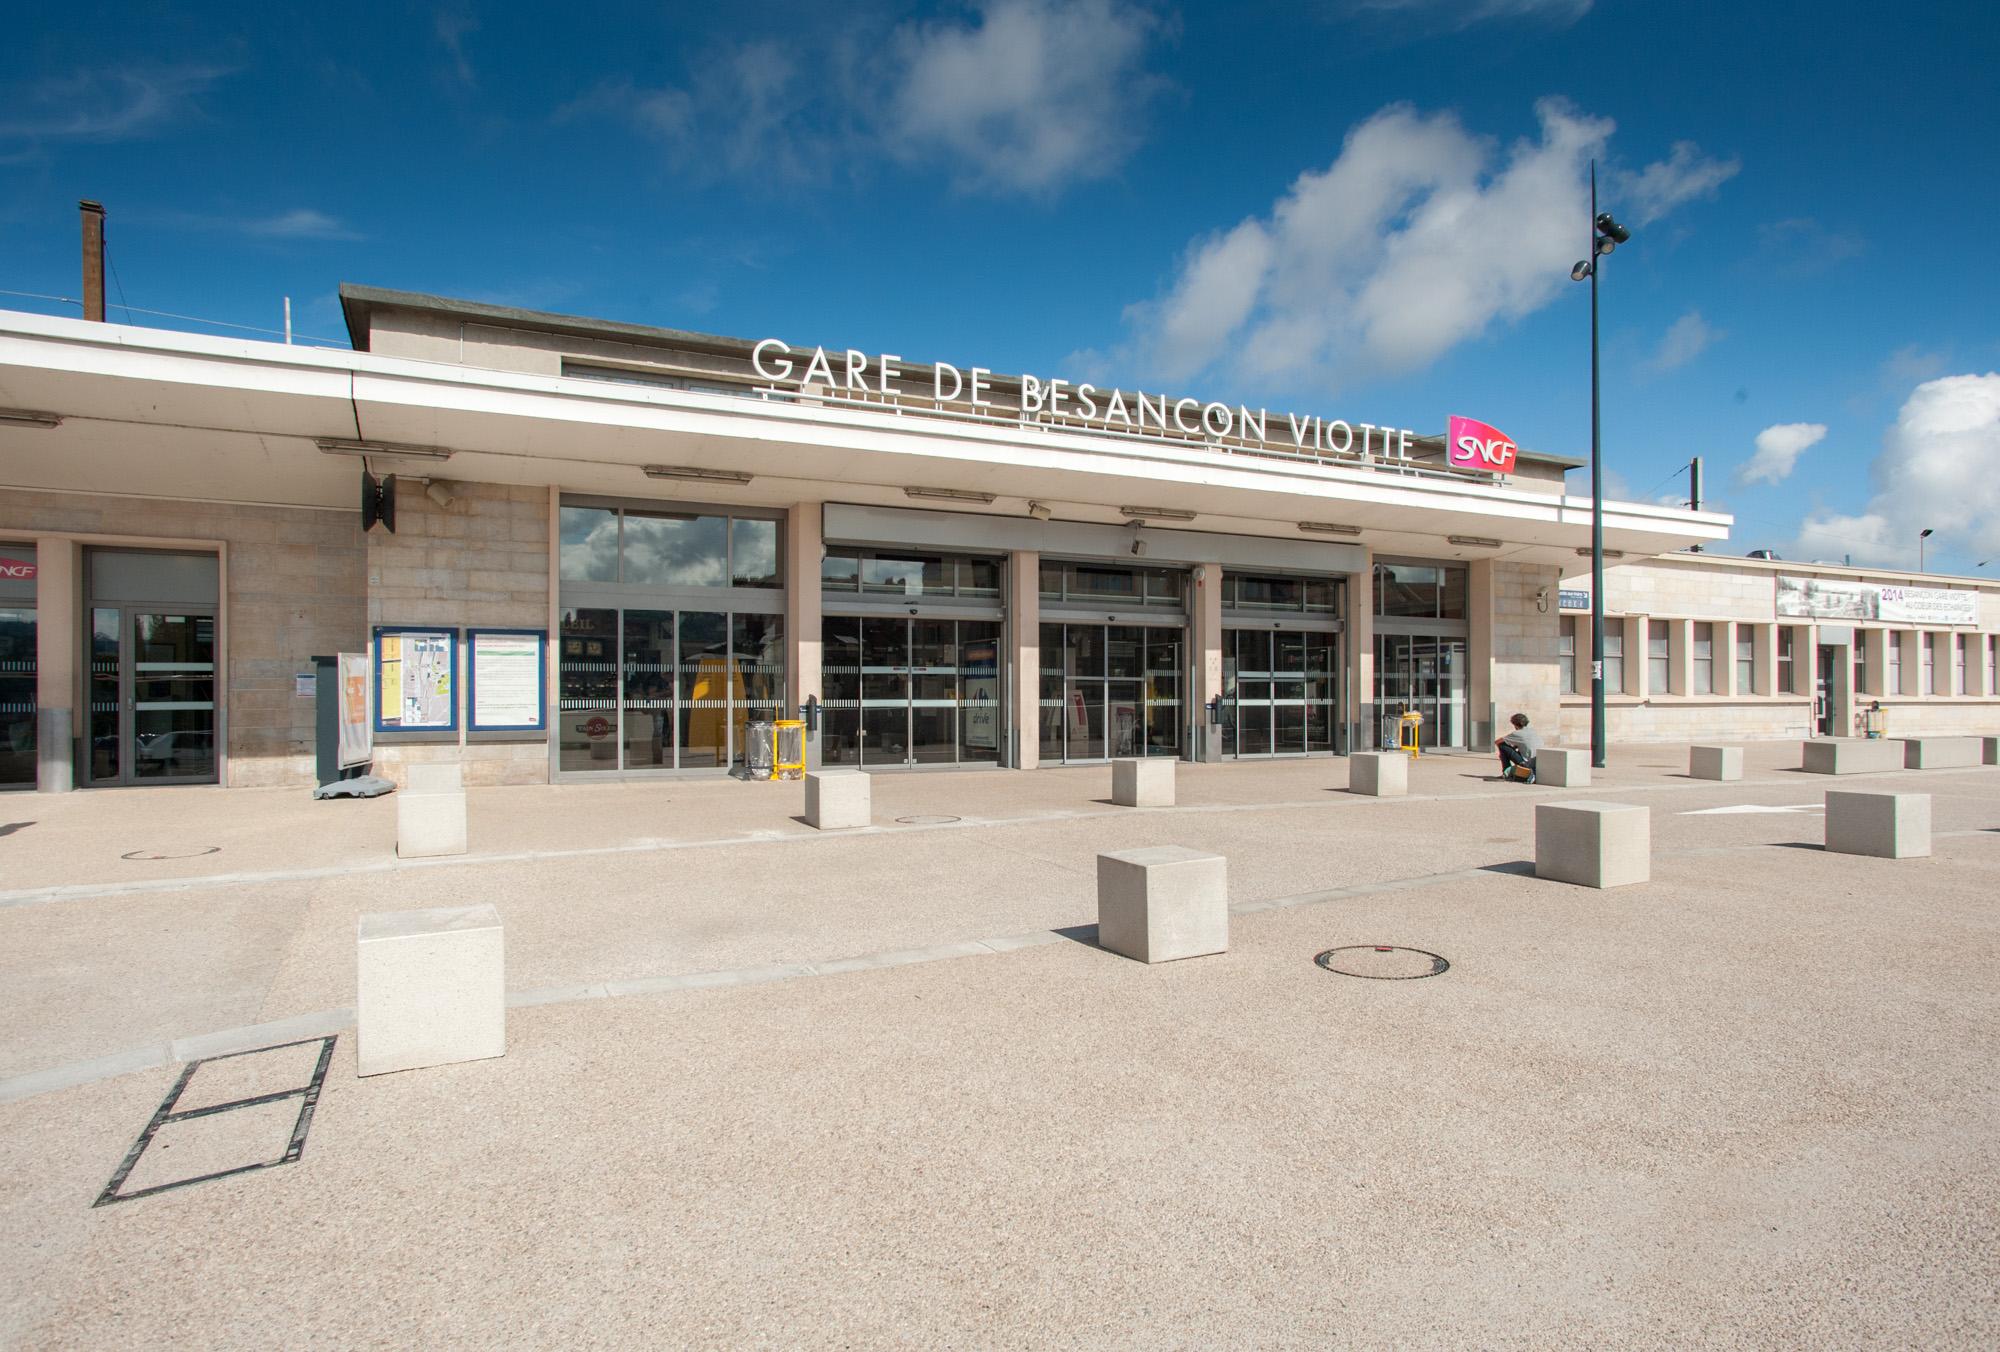 exquisite style official shop recognized brands Gare de Besançon-Viotte - Wikipedia